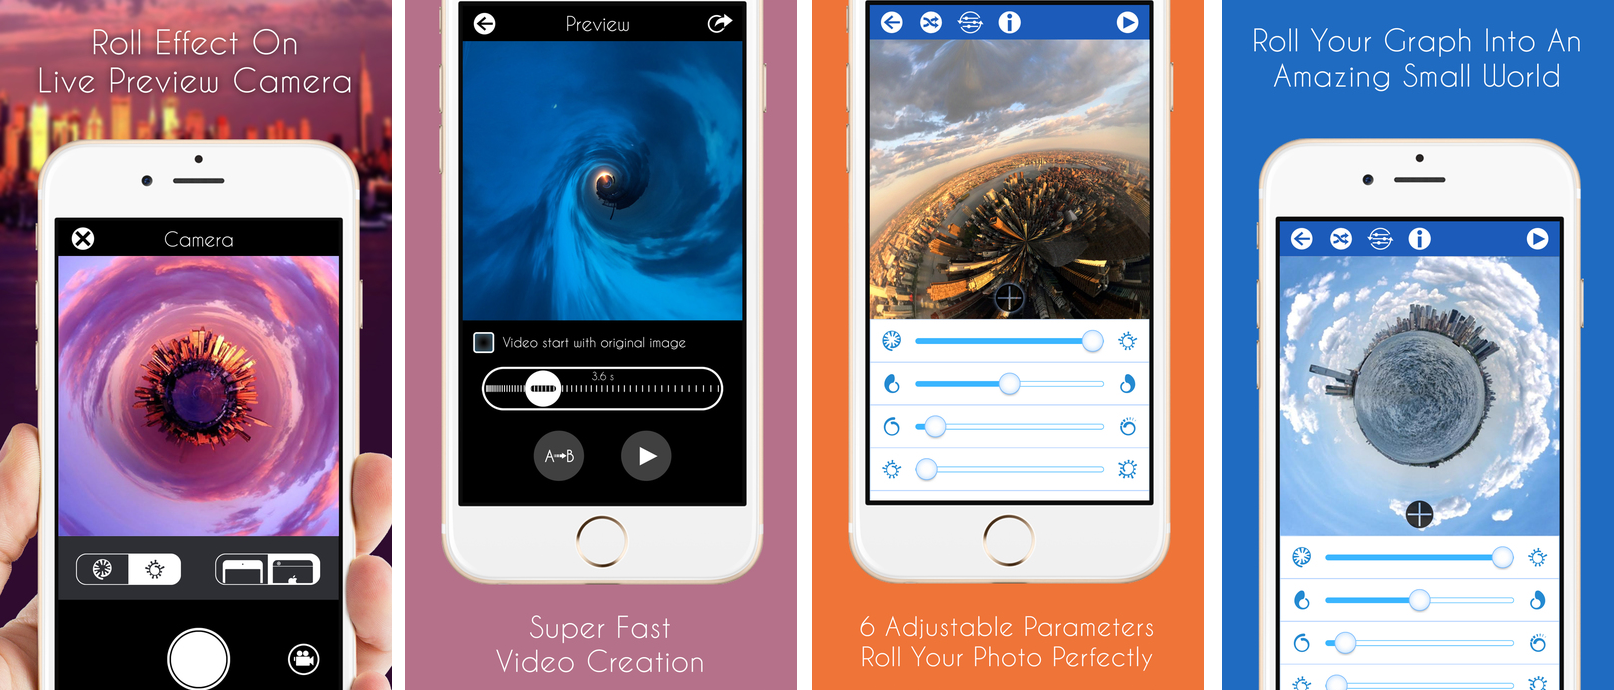 aplicaciones-para-instagram-rollworld.png